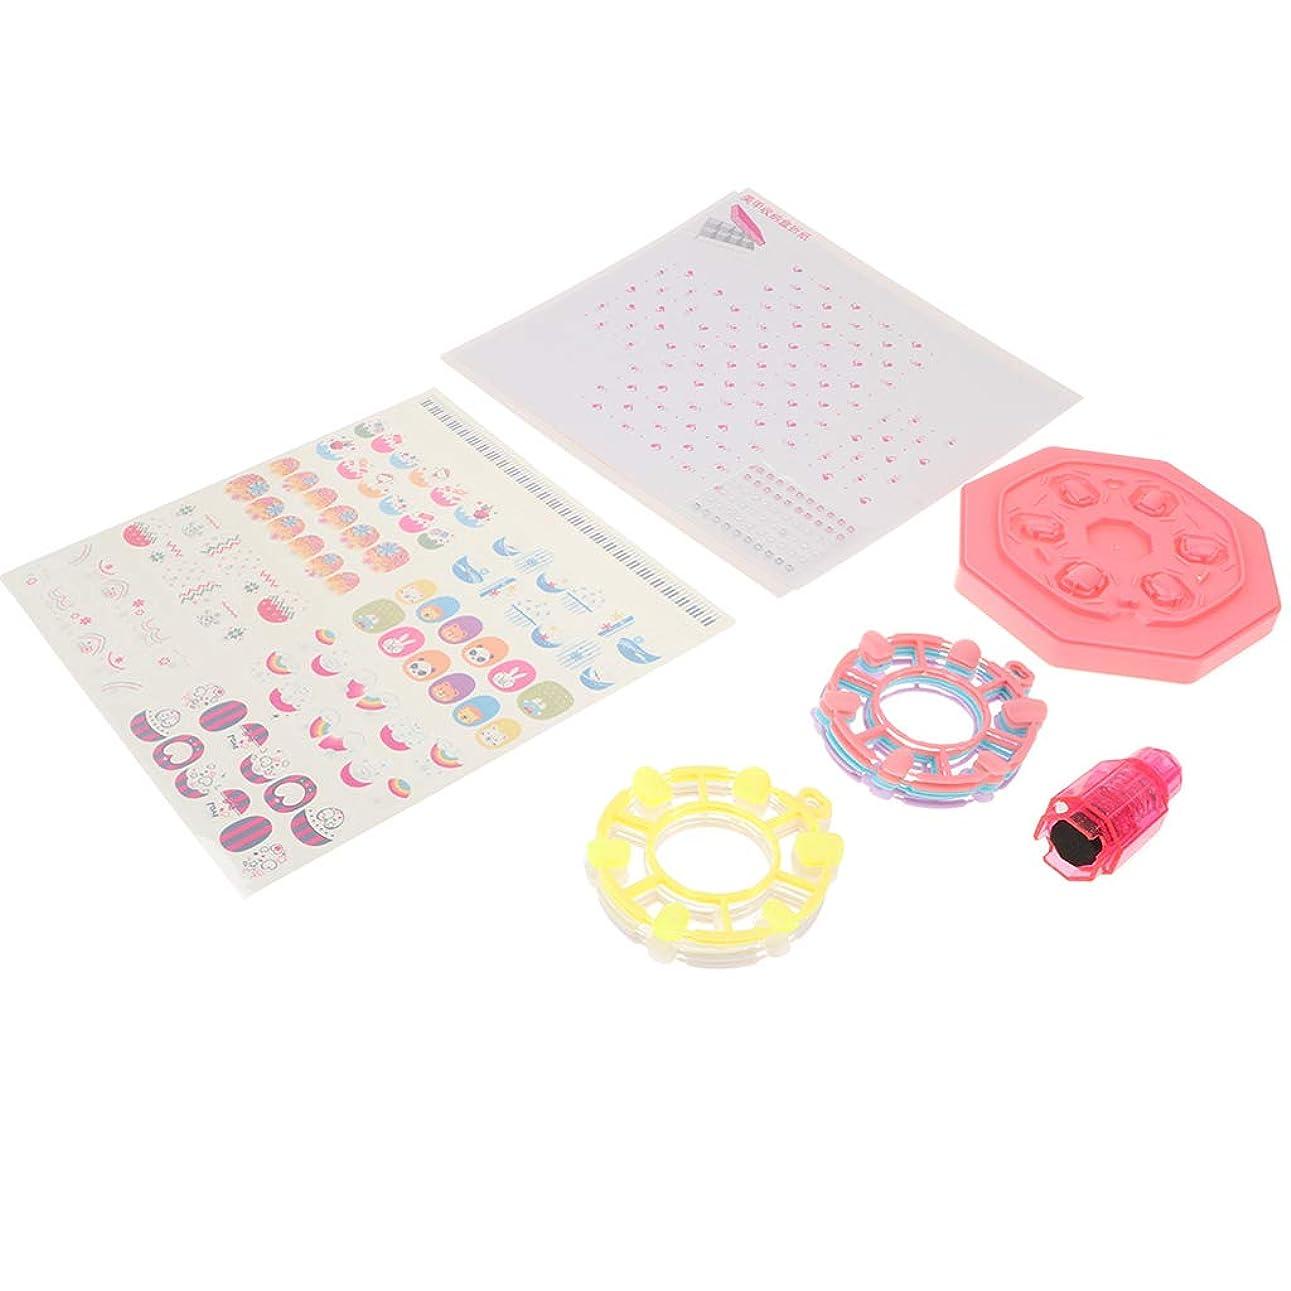 呼びかけるかもしれないためにF Fityle DIYネイルアート 子ども 遊びおもちゃ 可愛いネイルデカール 爪の装飾 全2カラー - #1